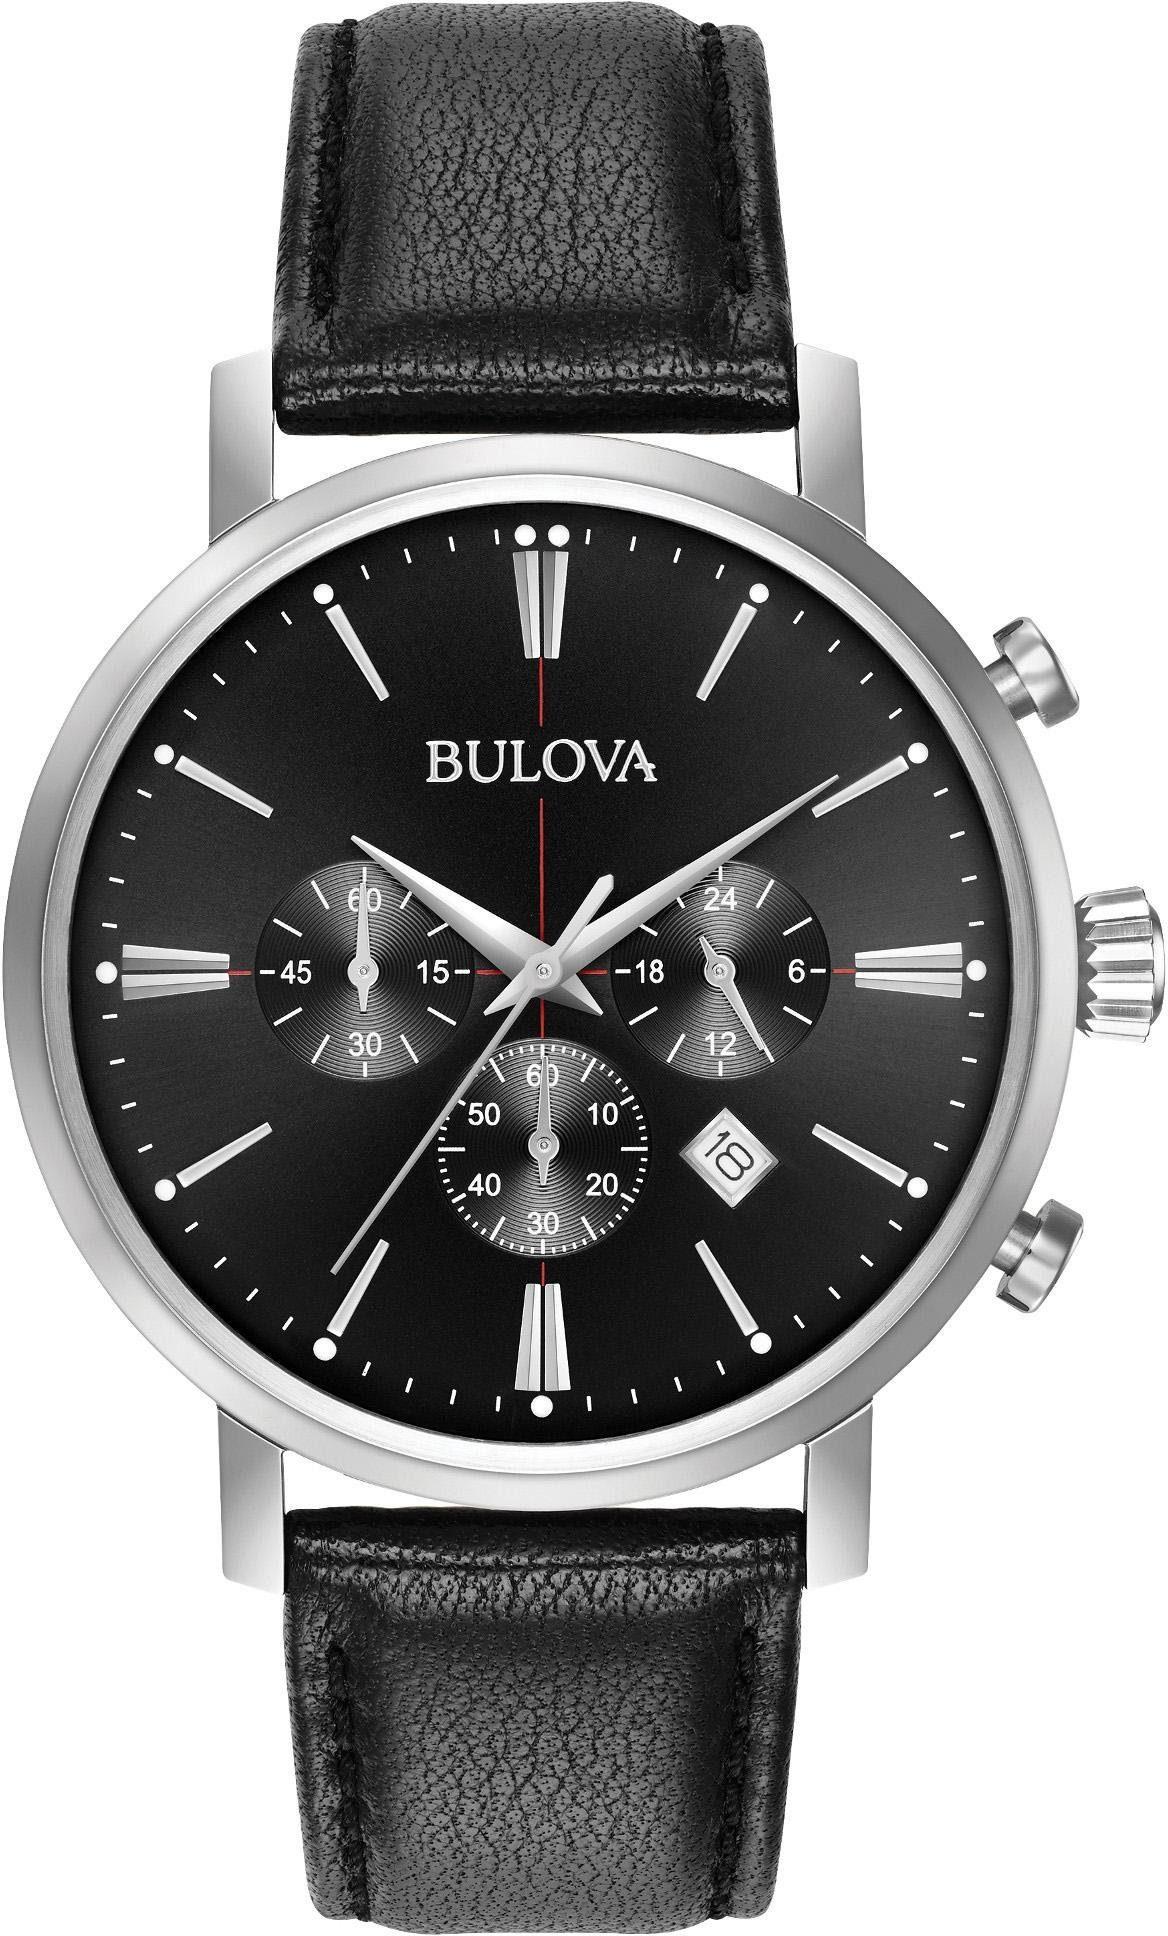 Bulova Chronograph »96B262«